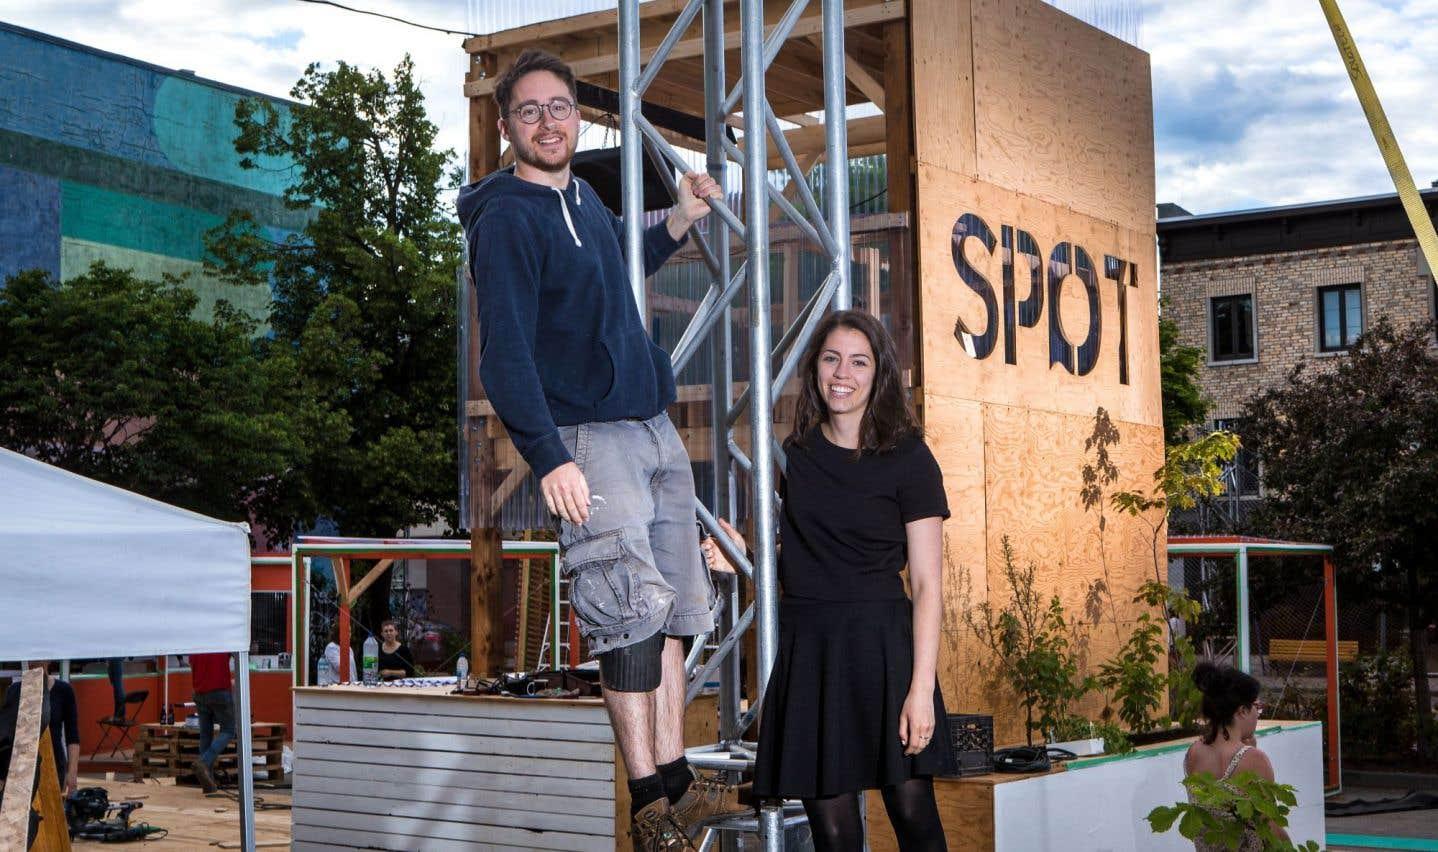 Kevin Mark et Jasmine Maheu Moisan, coordonnateurs du SPOT à Québec, une place publique hyperdesign qui vit de façon temporaire pendant l'été et dont le lancement avait lieu vendredi soir.